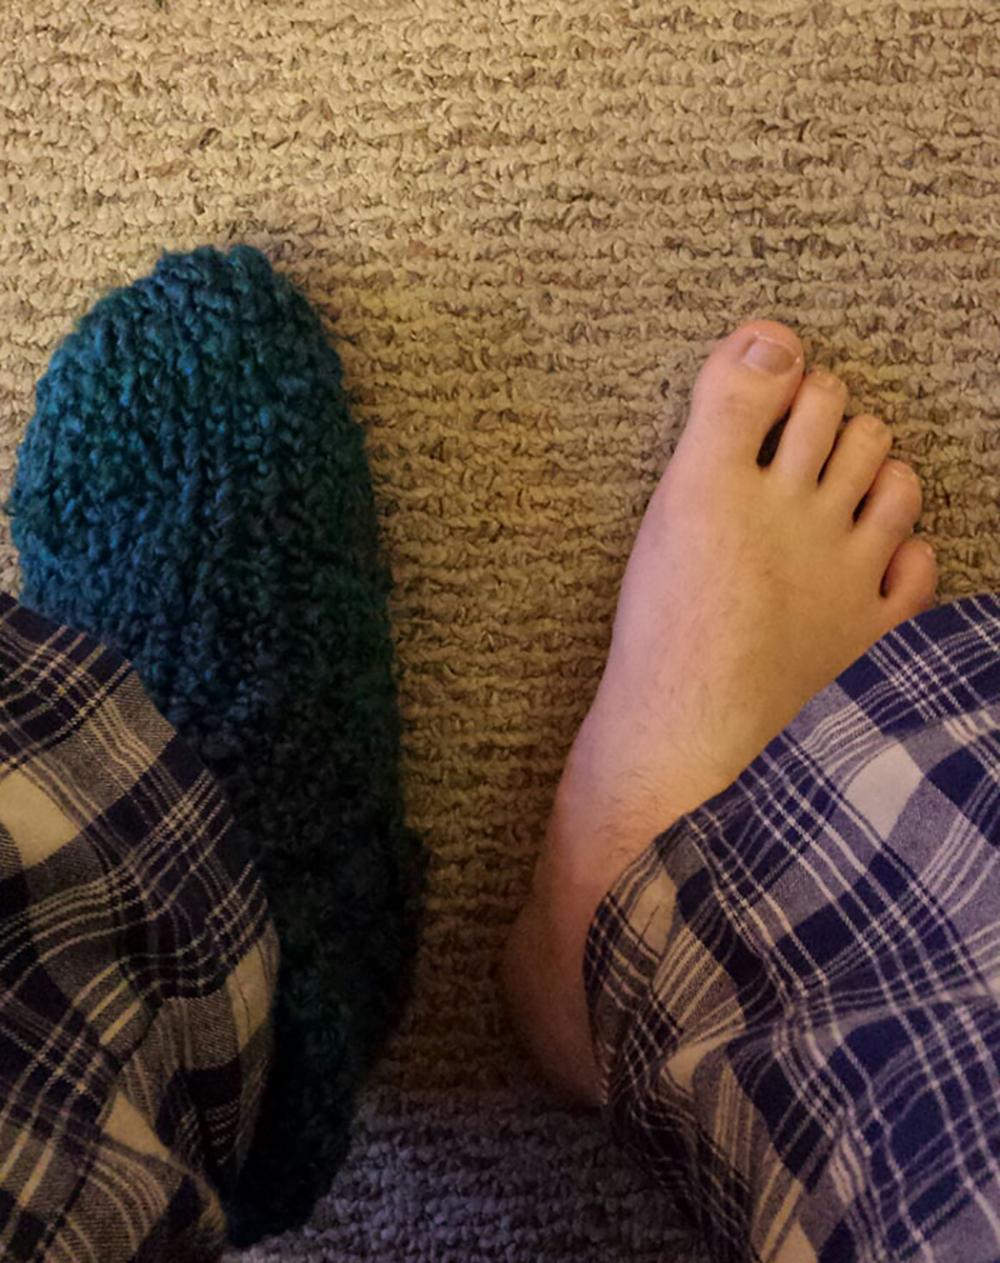 dos pies un solo calcetín